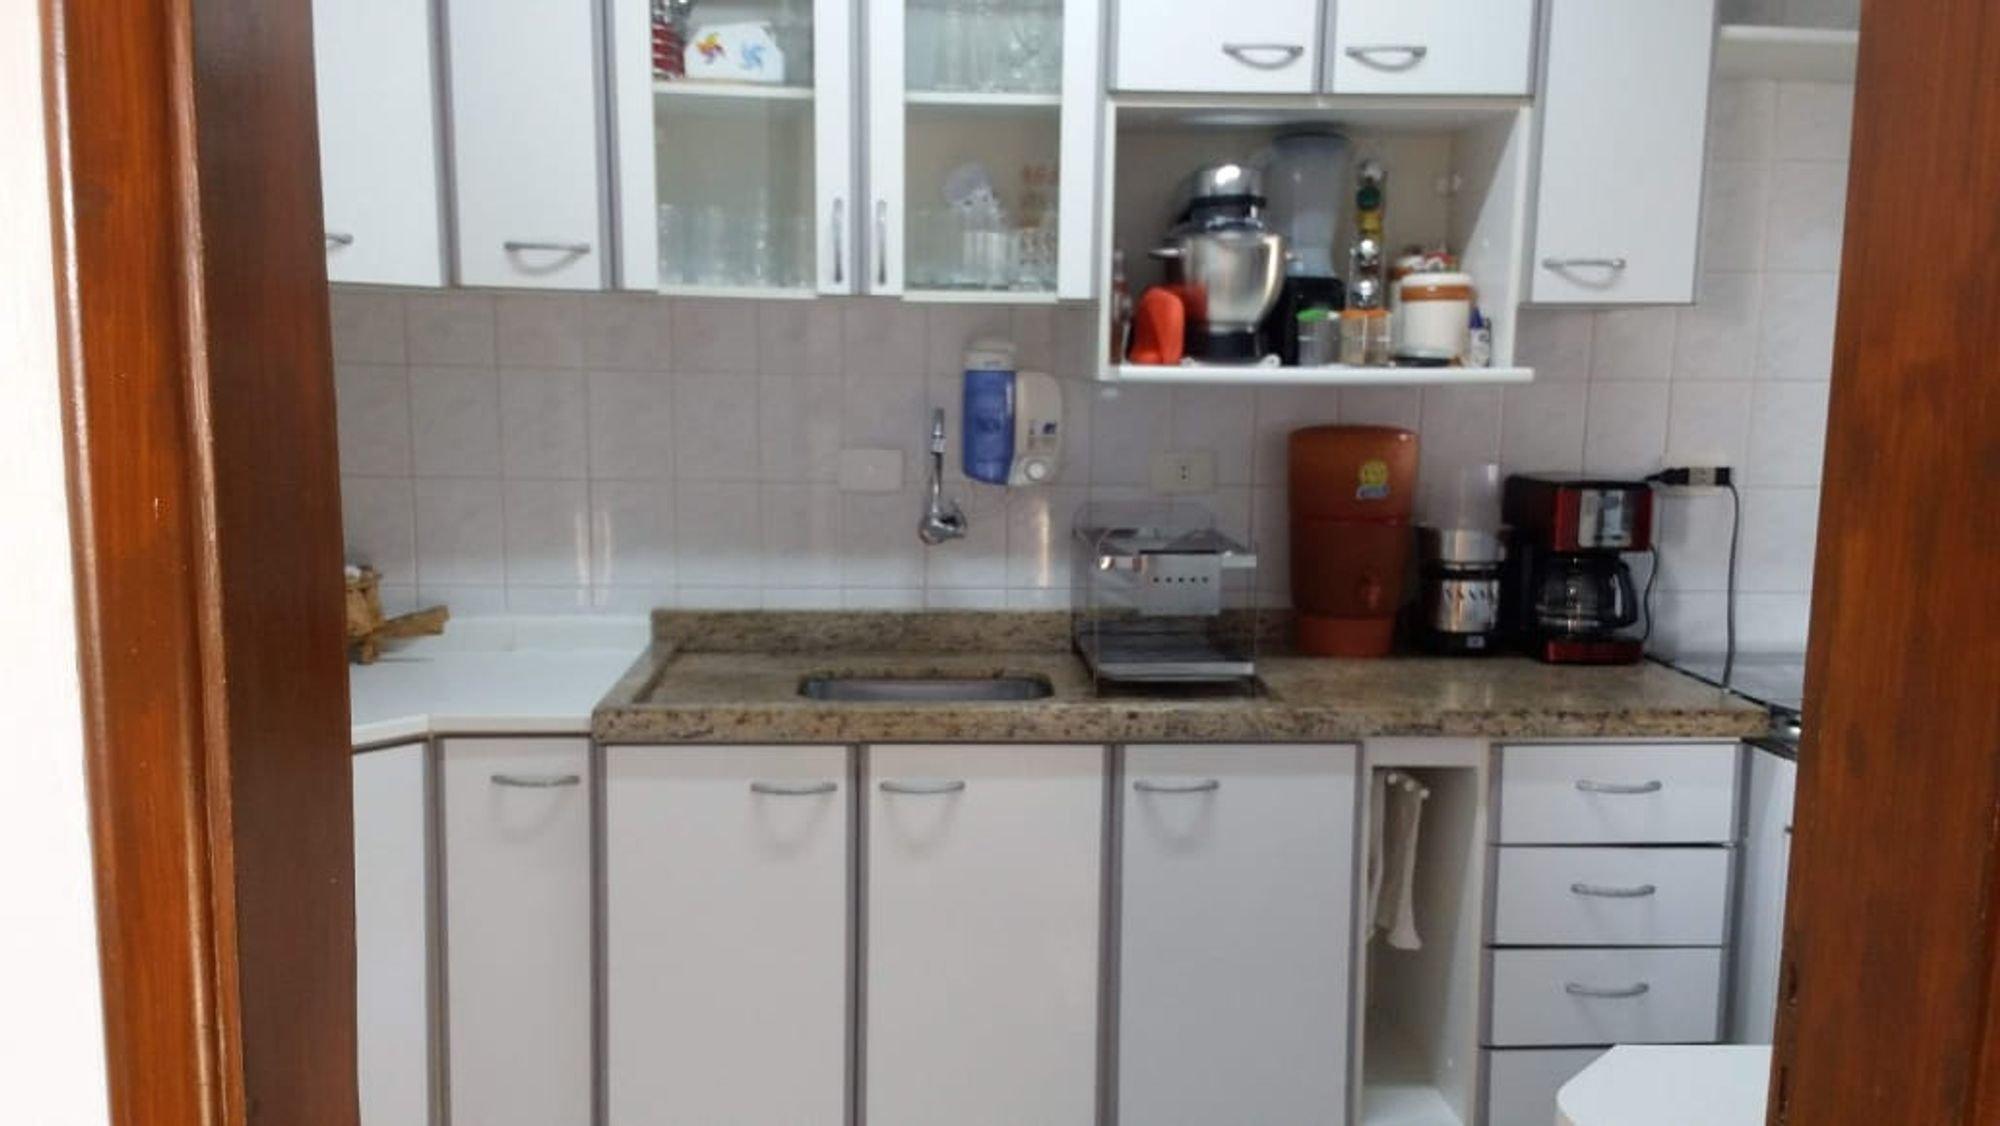 Foto de Cozinha com copo de vinho, xícara